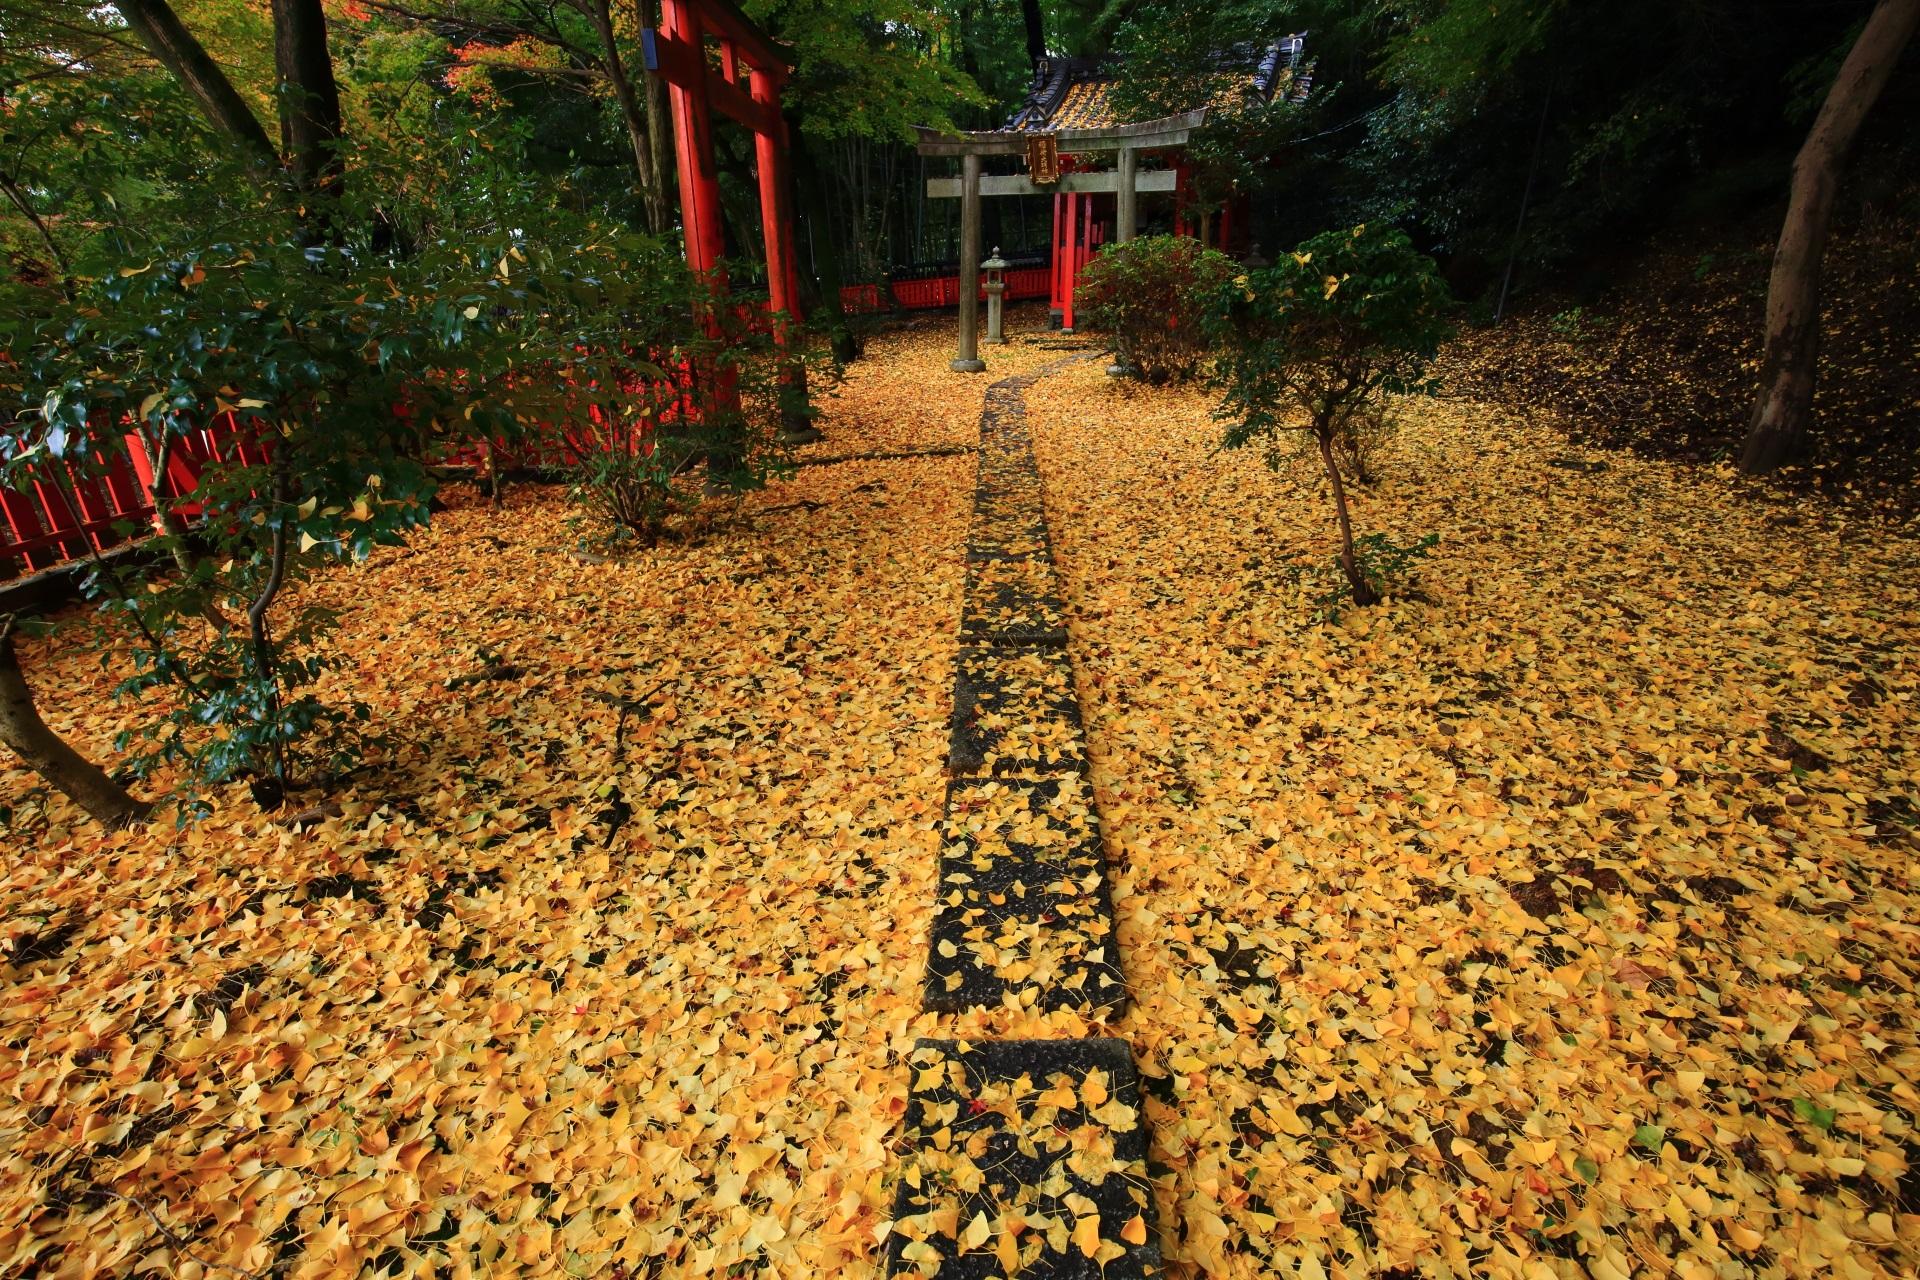 山崎聖天の稲荷社に広がる黄色い銀杏の絨毯